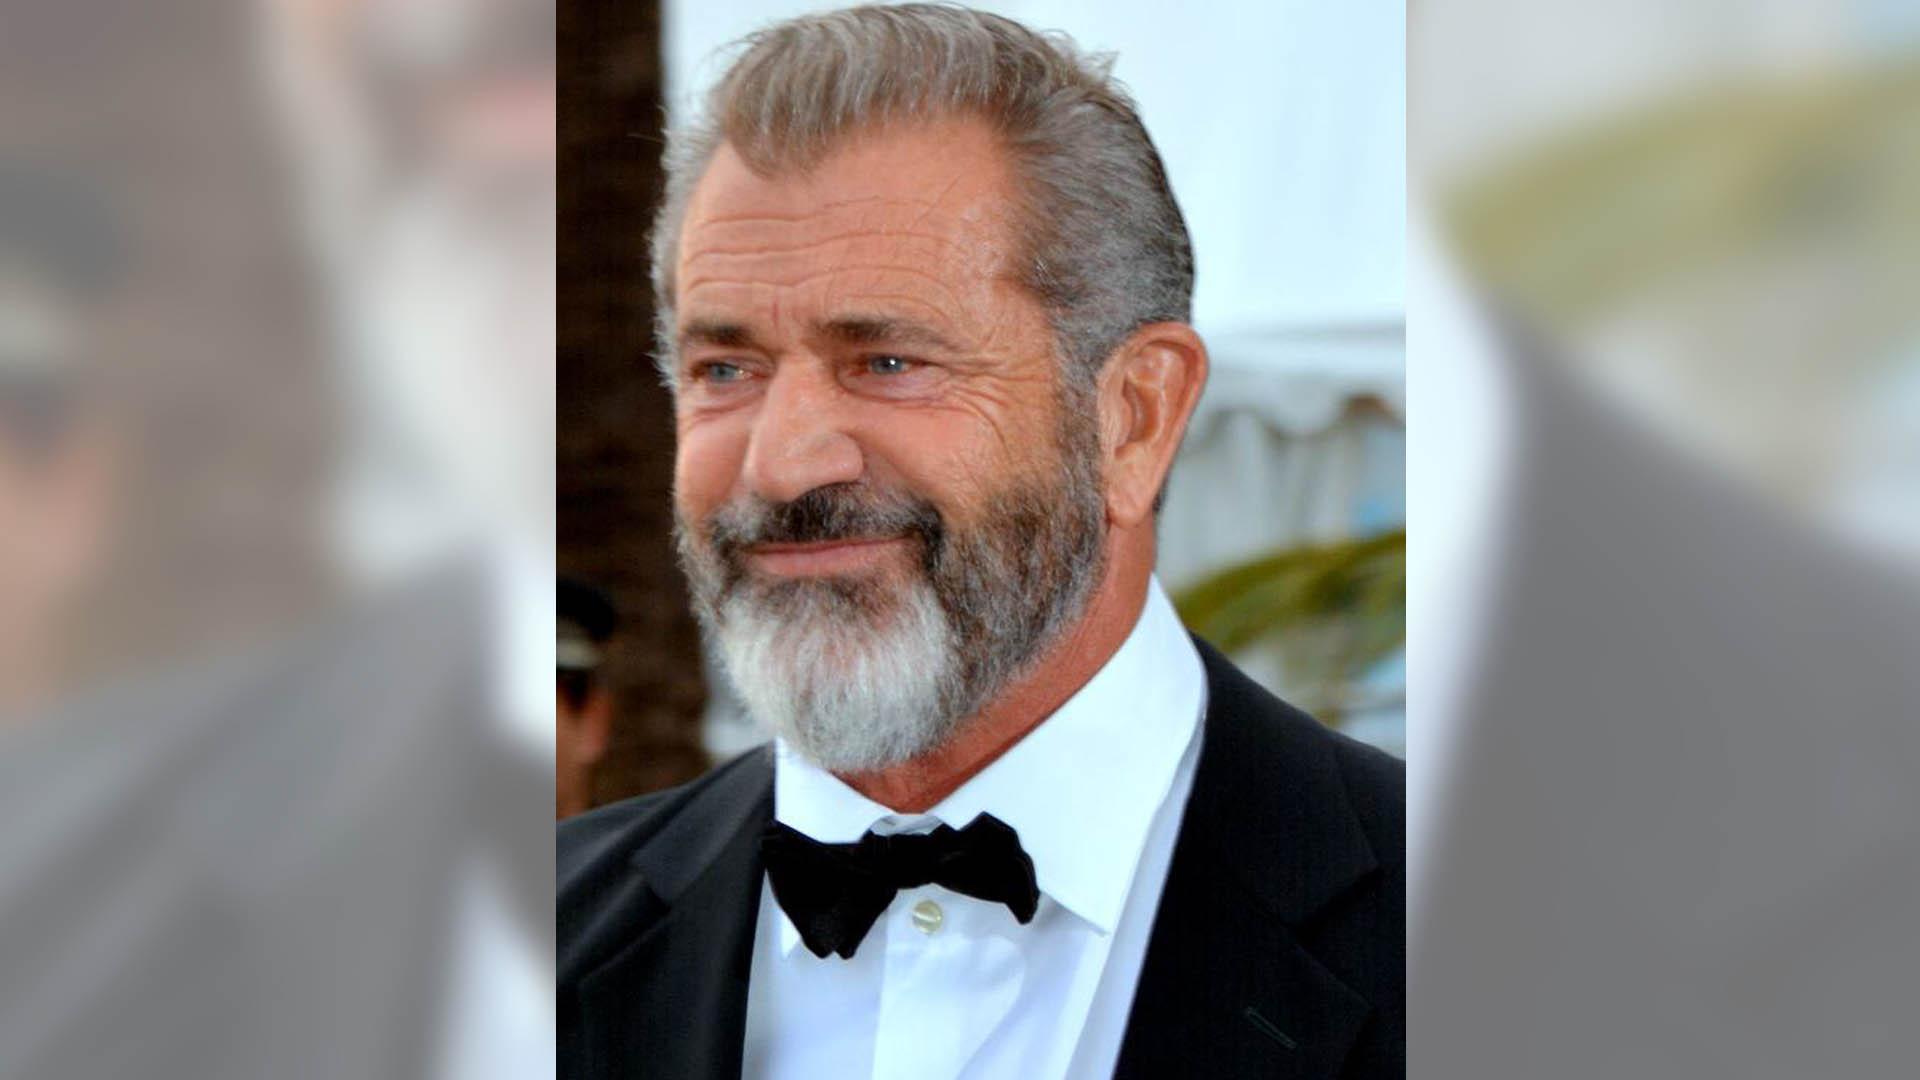 Der amerikanisch-australische Regisseur Mel Gibson ist bekannt für seinen streng katholischen Glauben